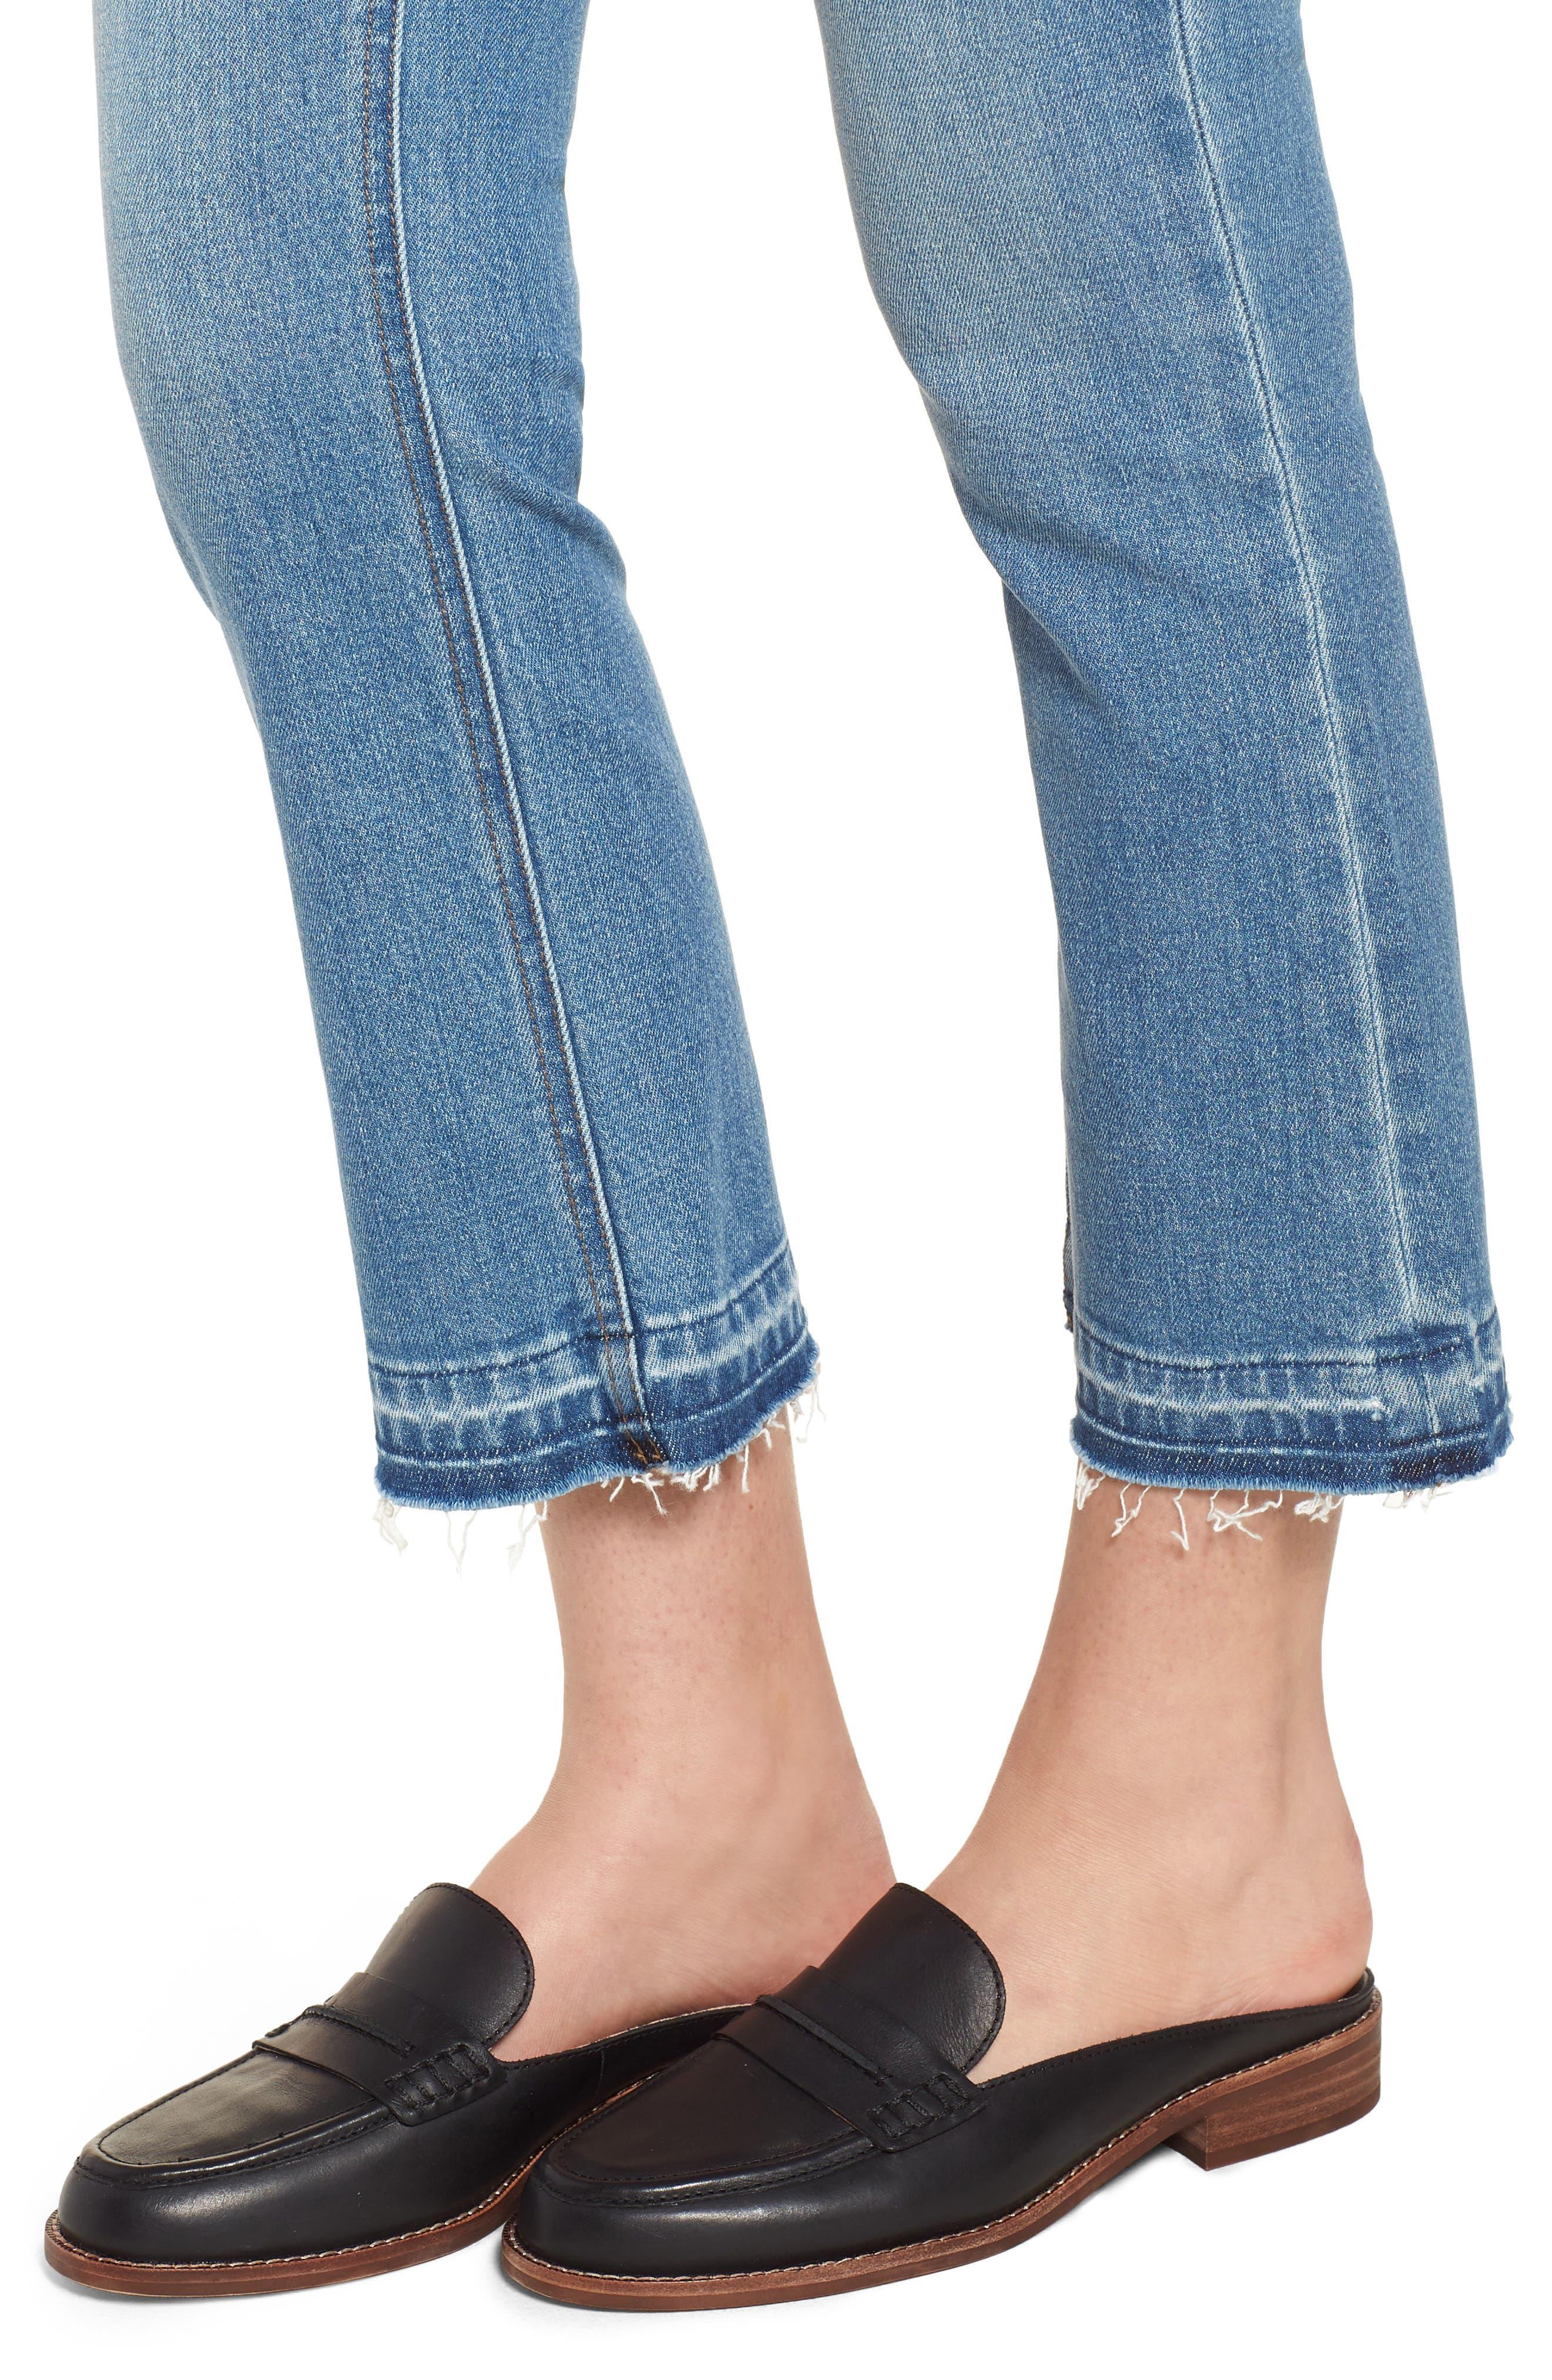 Billie Demi Boot Crop Jeans,                             Alternate thumbnail 4, color,                             400